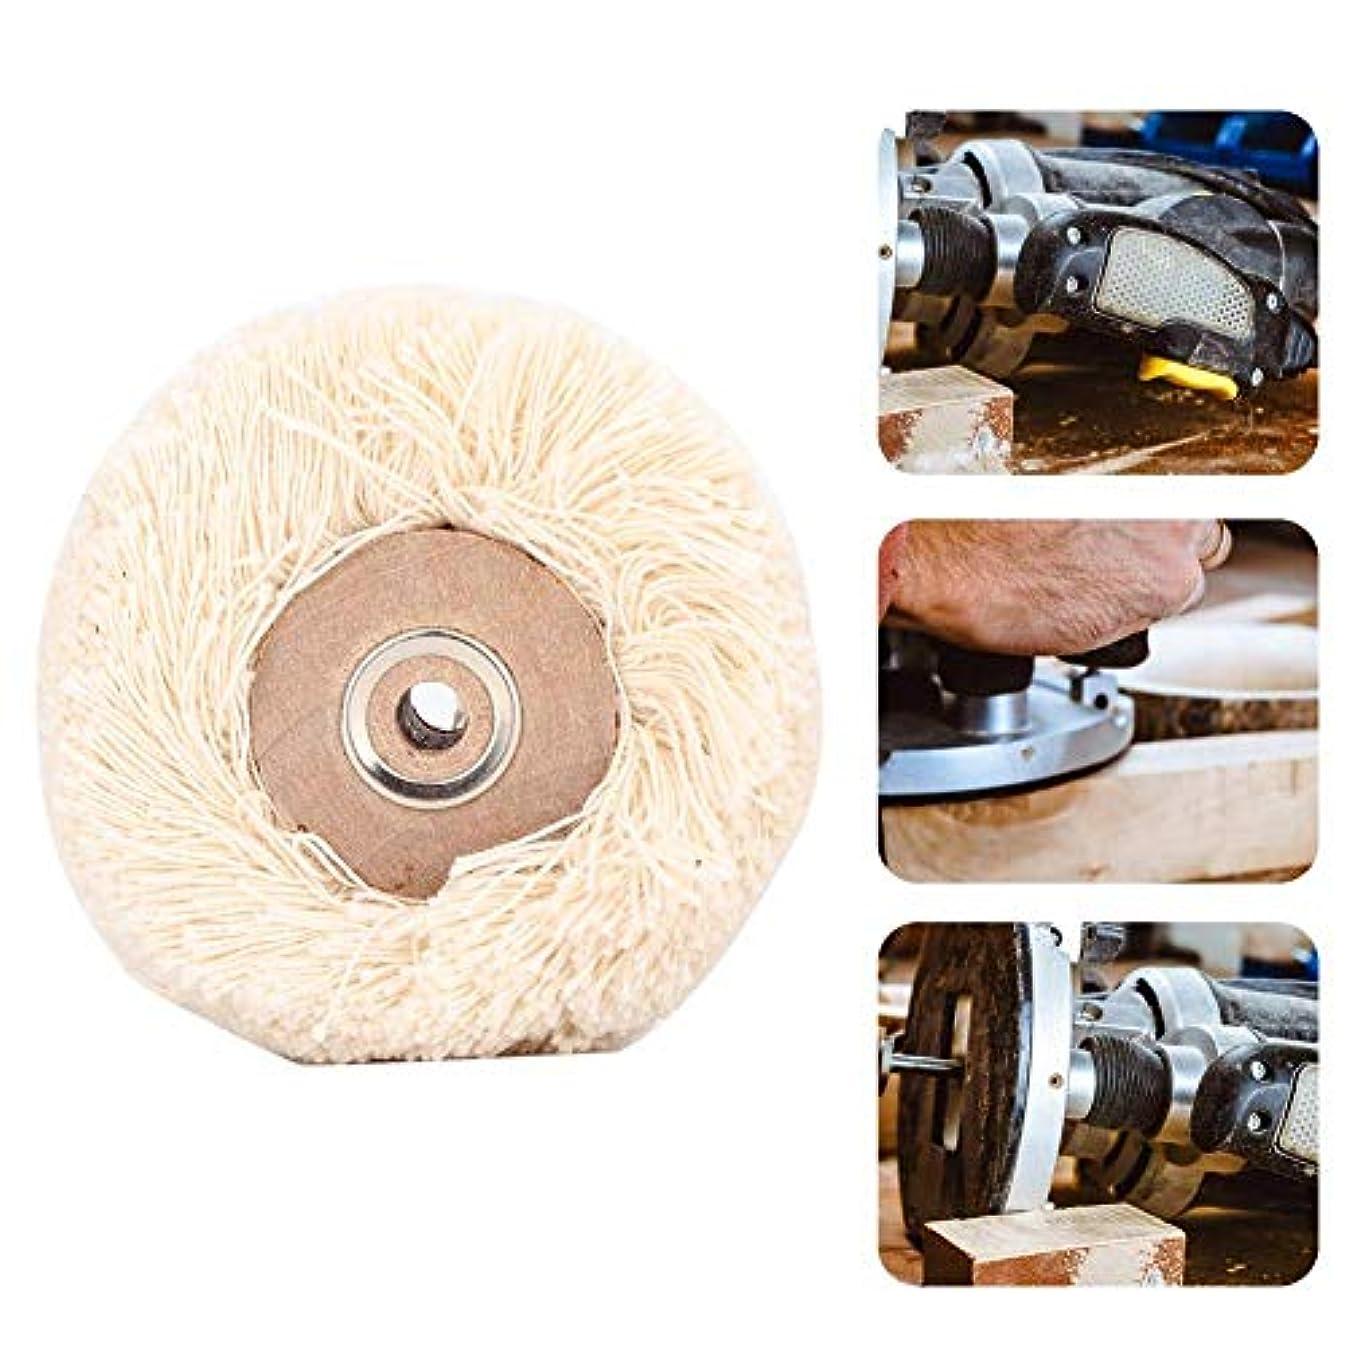 超高層ビル裂け目件名研磨ヘッド 回転工具 研磨ドリルグラインダーホイールブラシジュエリー研磨工具(M)